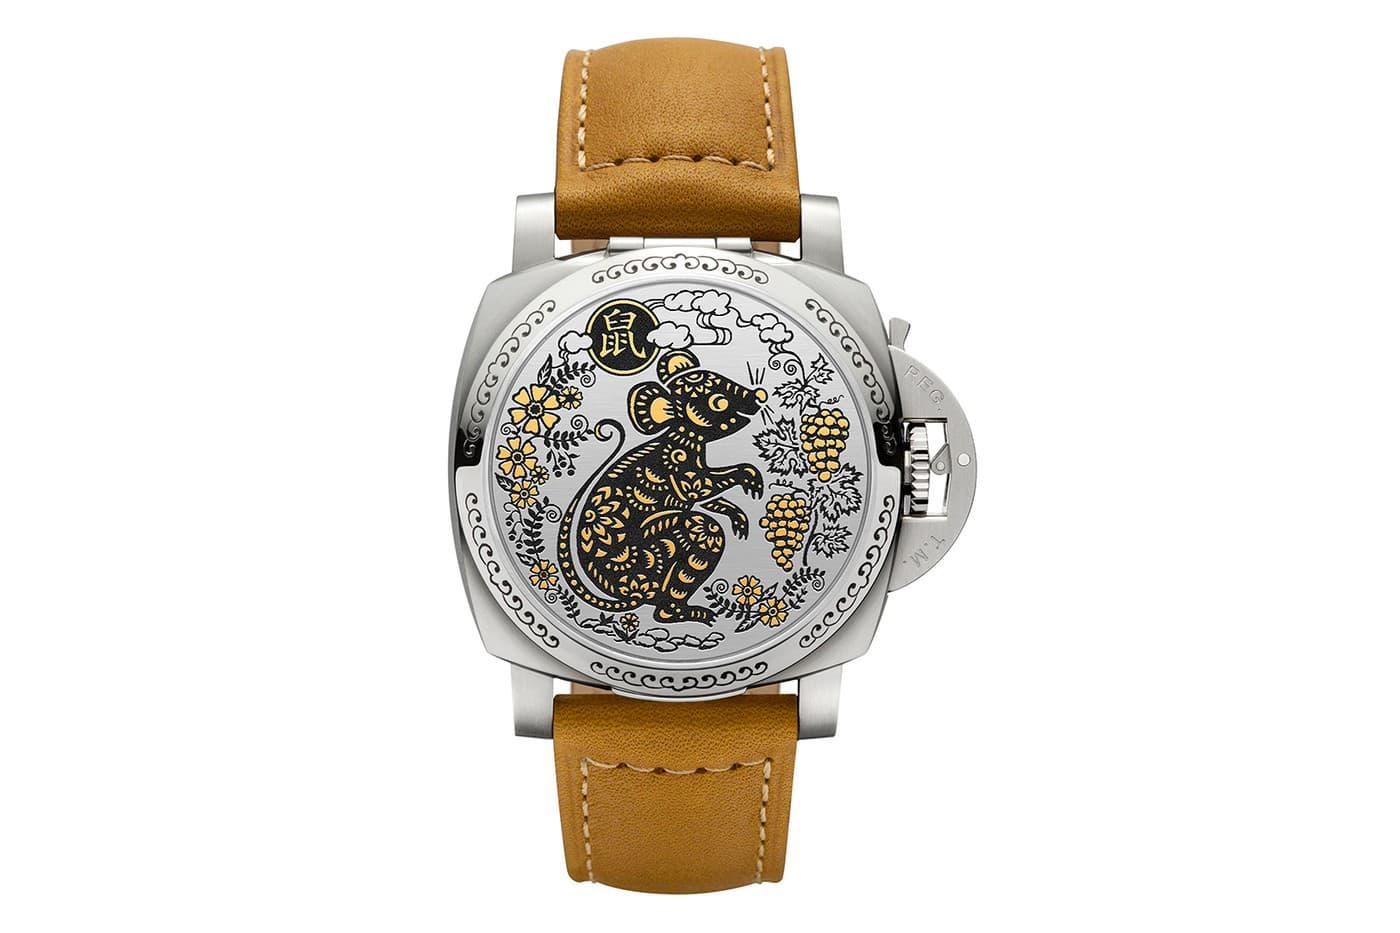 Часы Panerai Luminor Sealand из желтого золота и нержавеющей стали